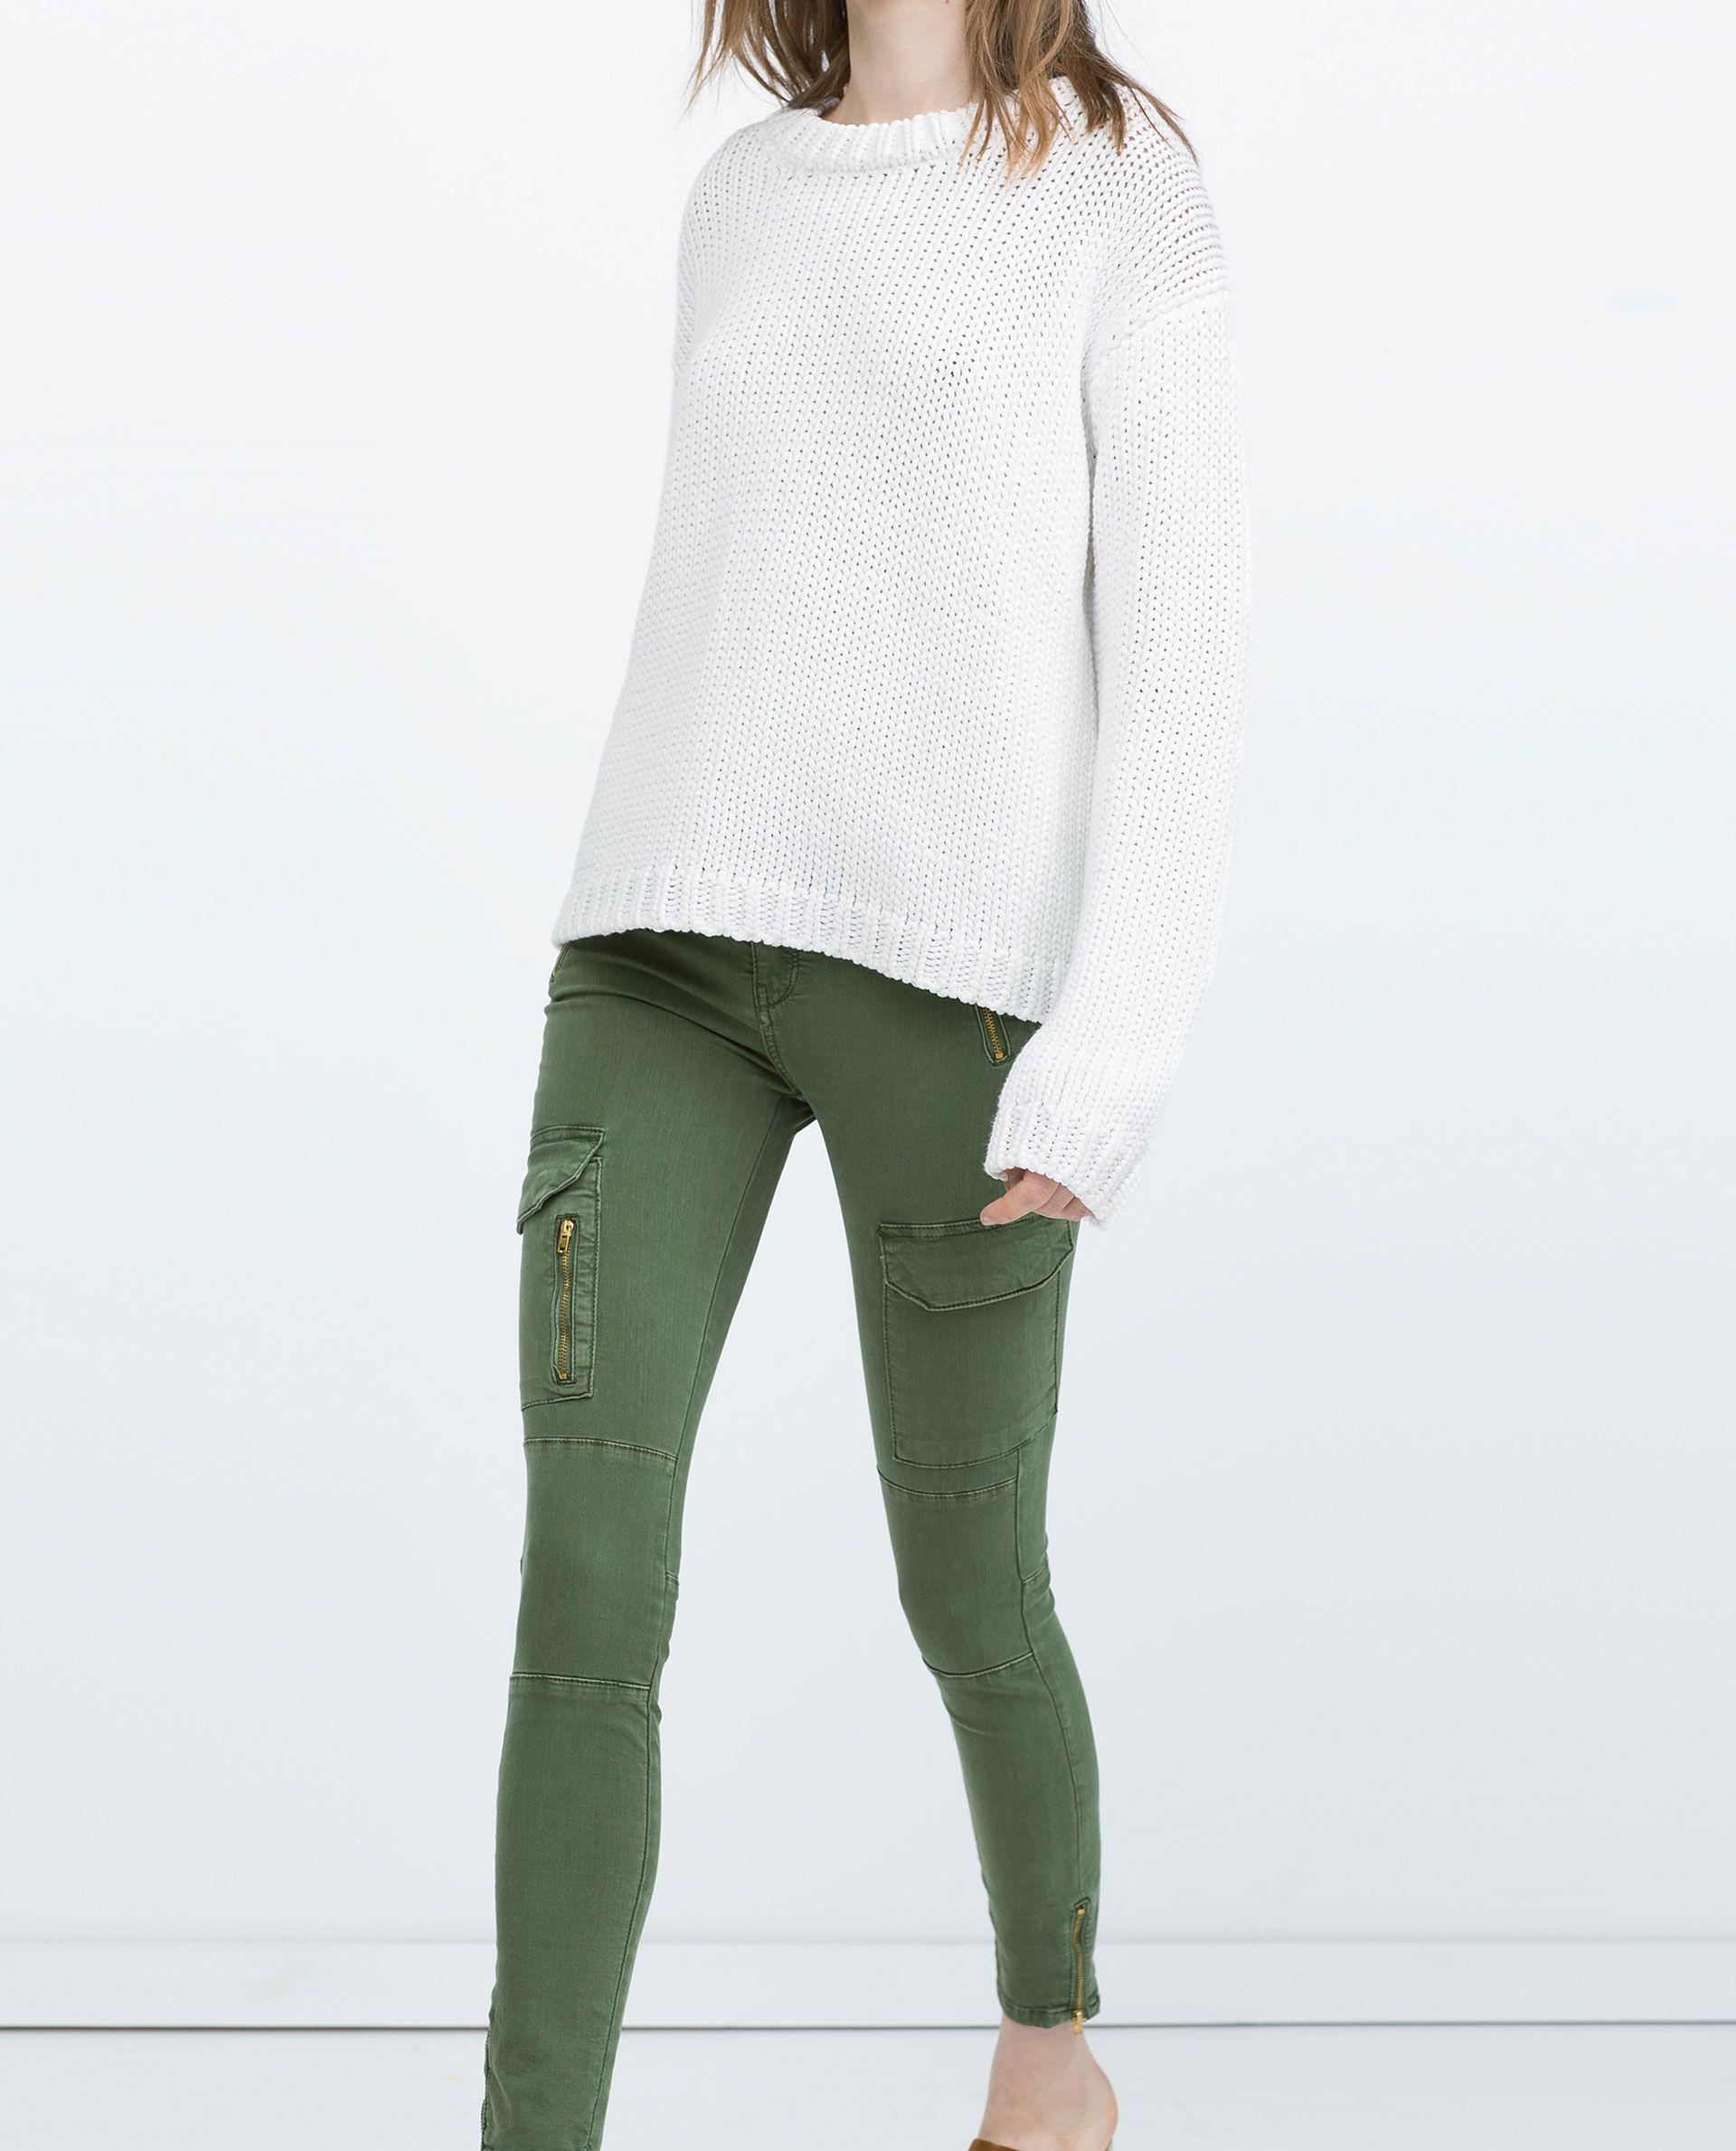 Zara Mujer Pantalon Pitillo Cargo Cremalleras Zara Mujer Pantalones Ropa Ropa Casual